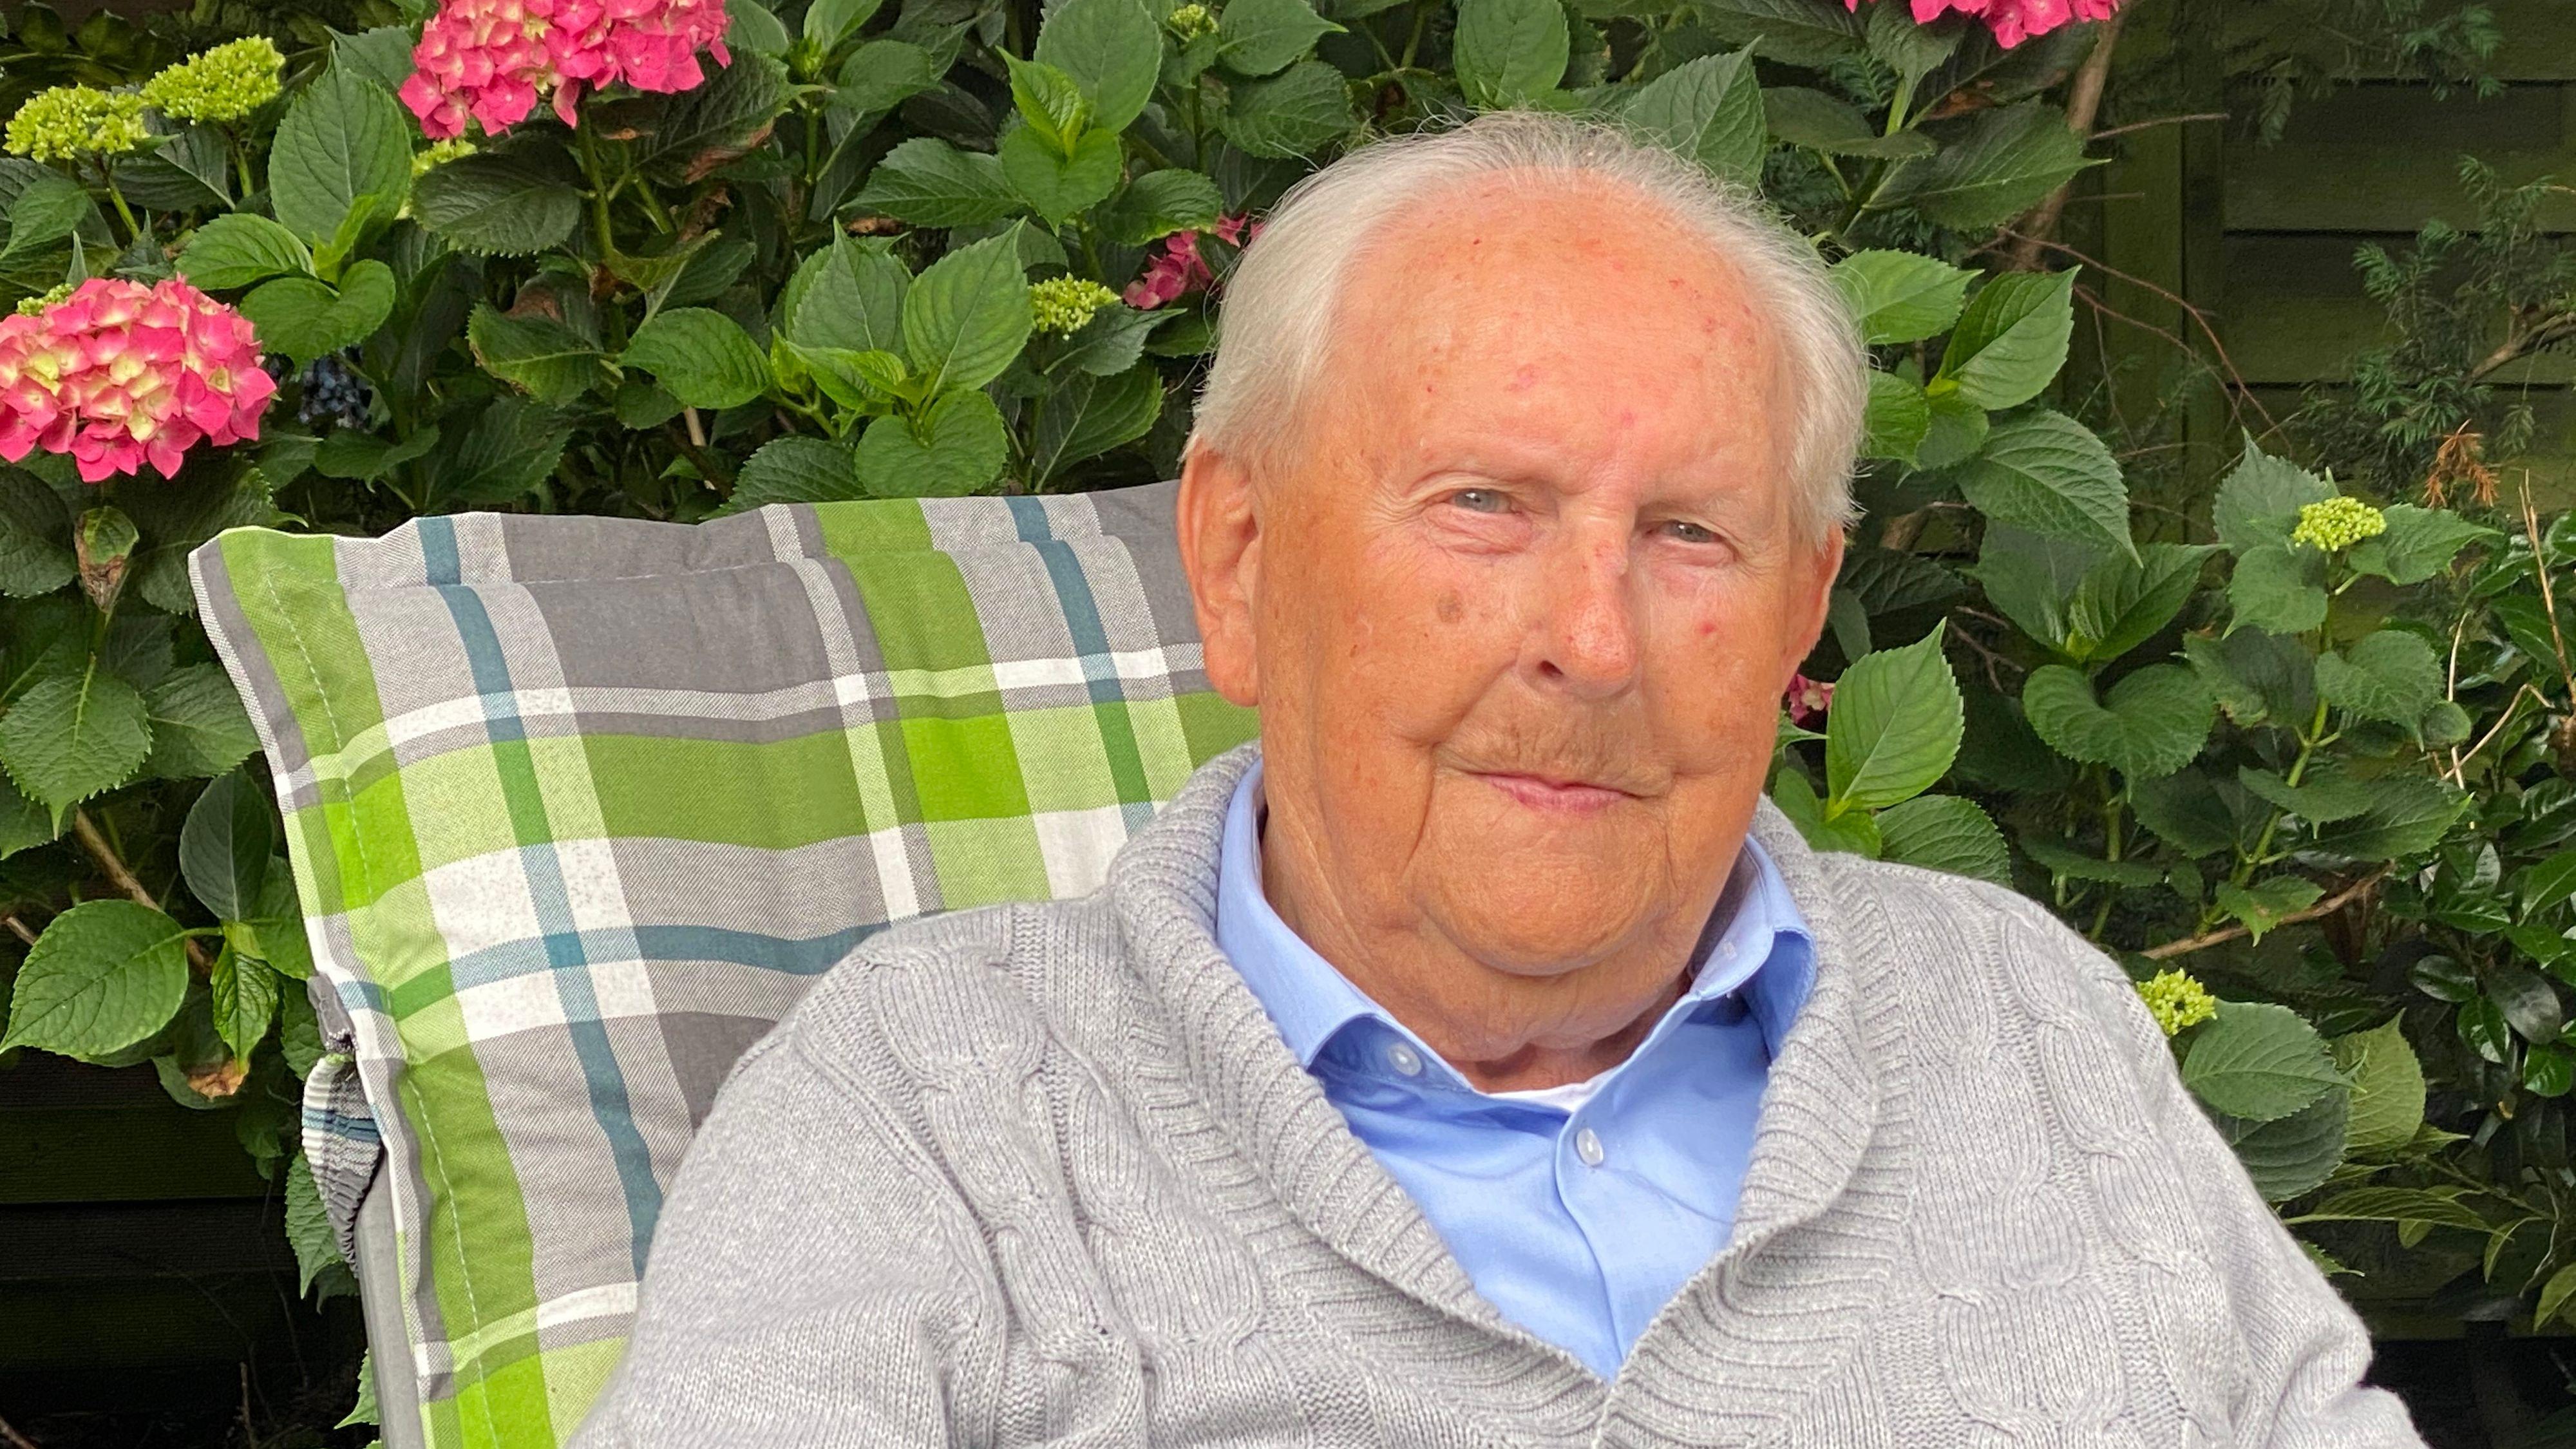 Feiert seinen 100.: Alfons große Holthaus aus Friesoythe. Foto: Claudia Wimberg